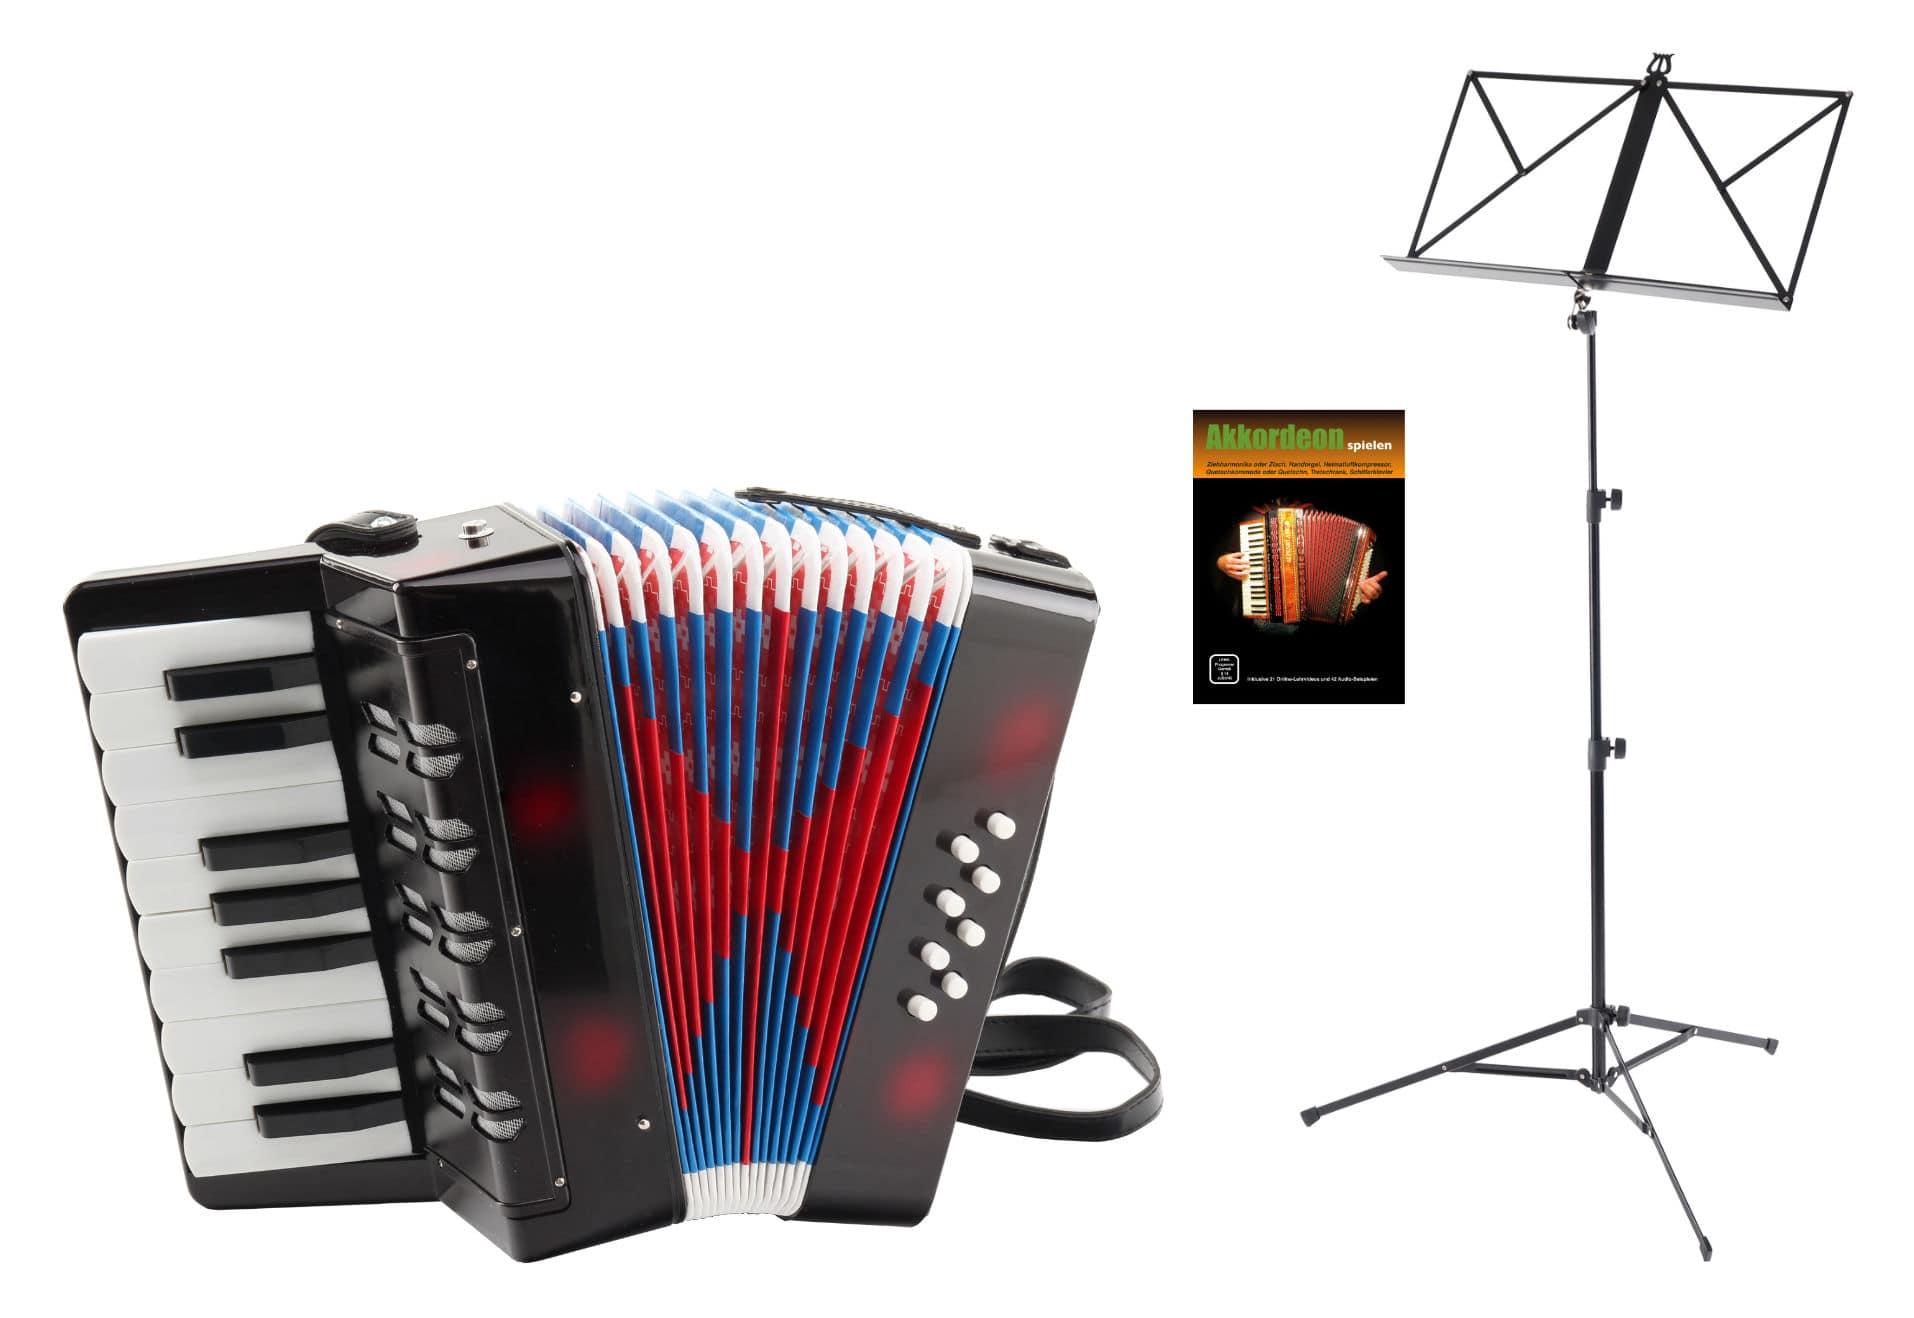 Akkordeons - Classic Cantabile Bambino Kinder Akkordeon Set, schwarz, 8 Bässe - Onlineshop Musikhaus Kirstein